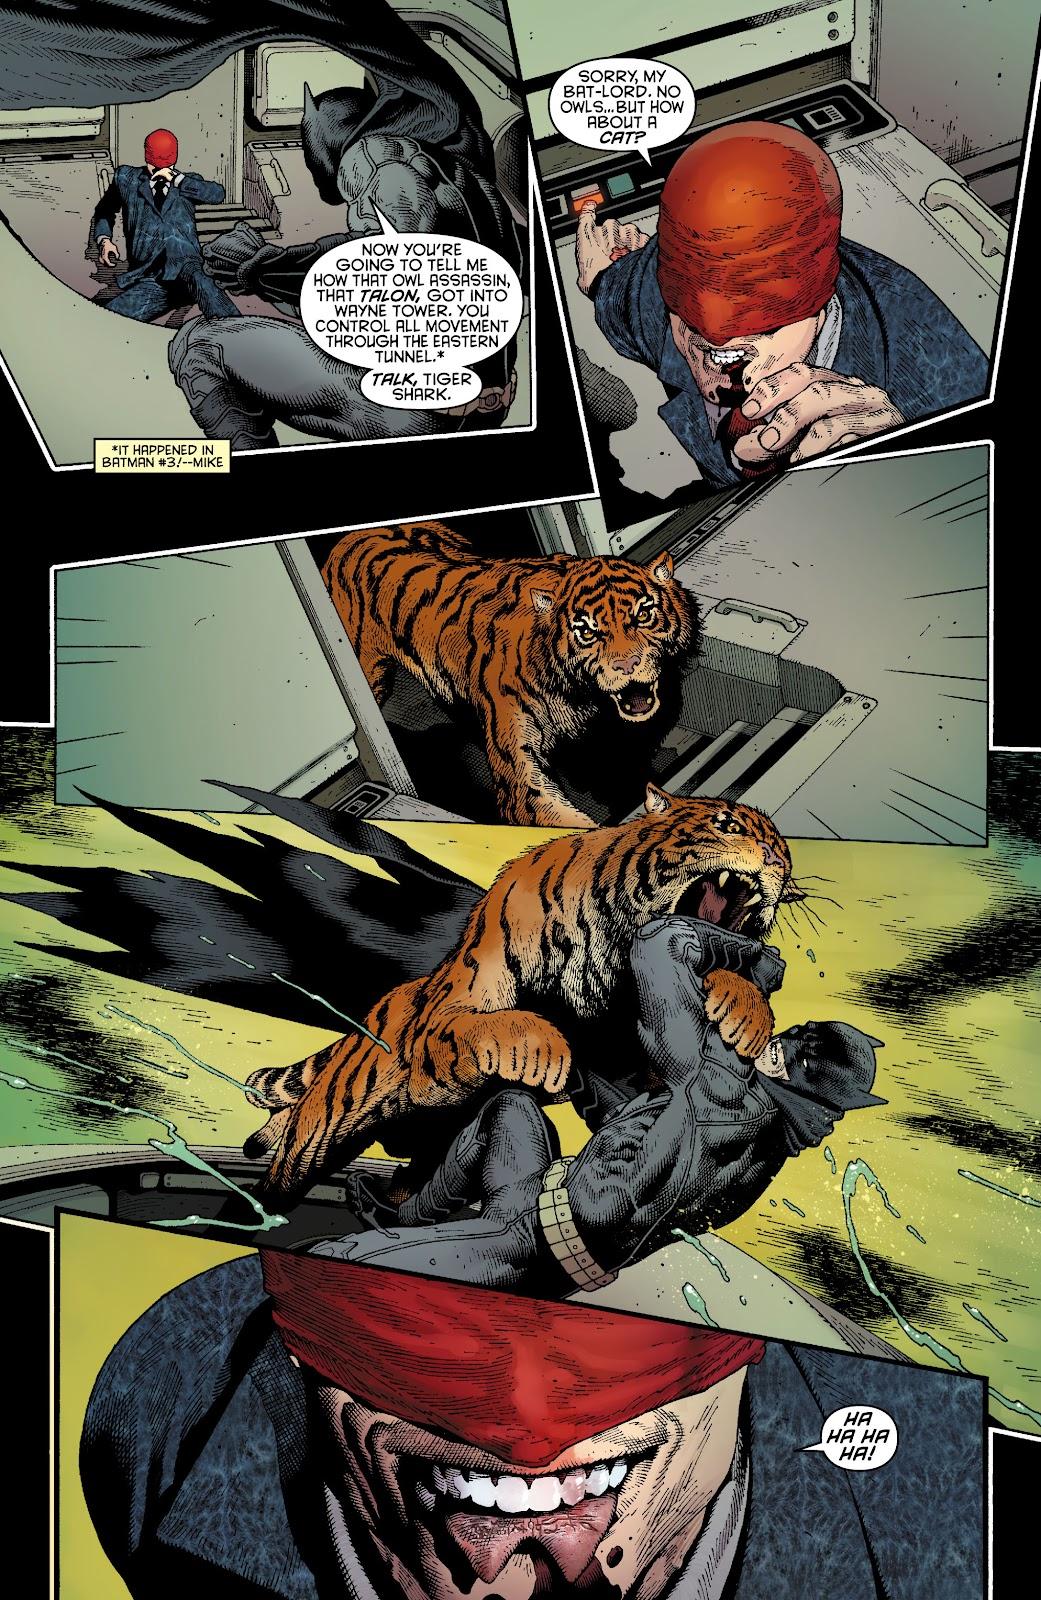 Batman (2011) Issue #12 #27 - English 24